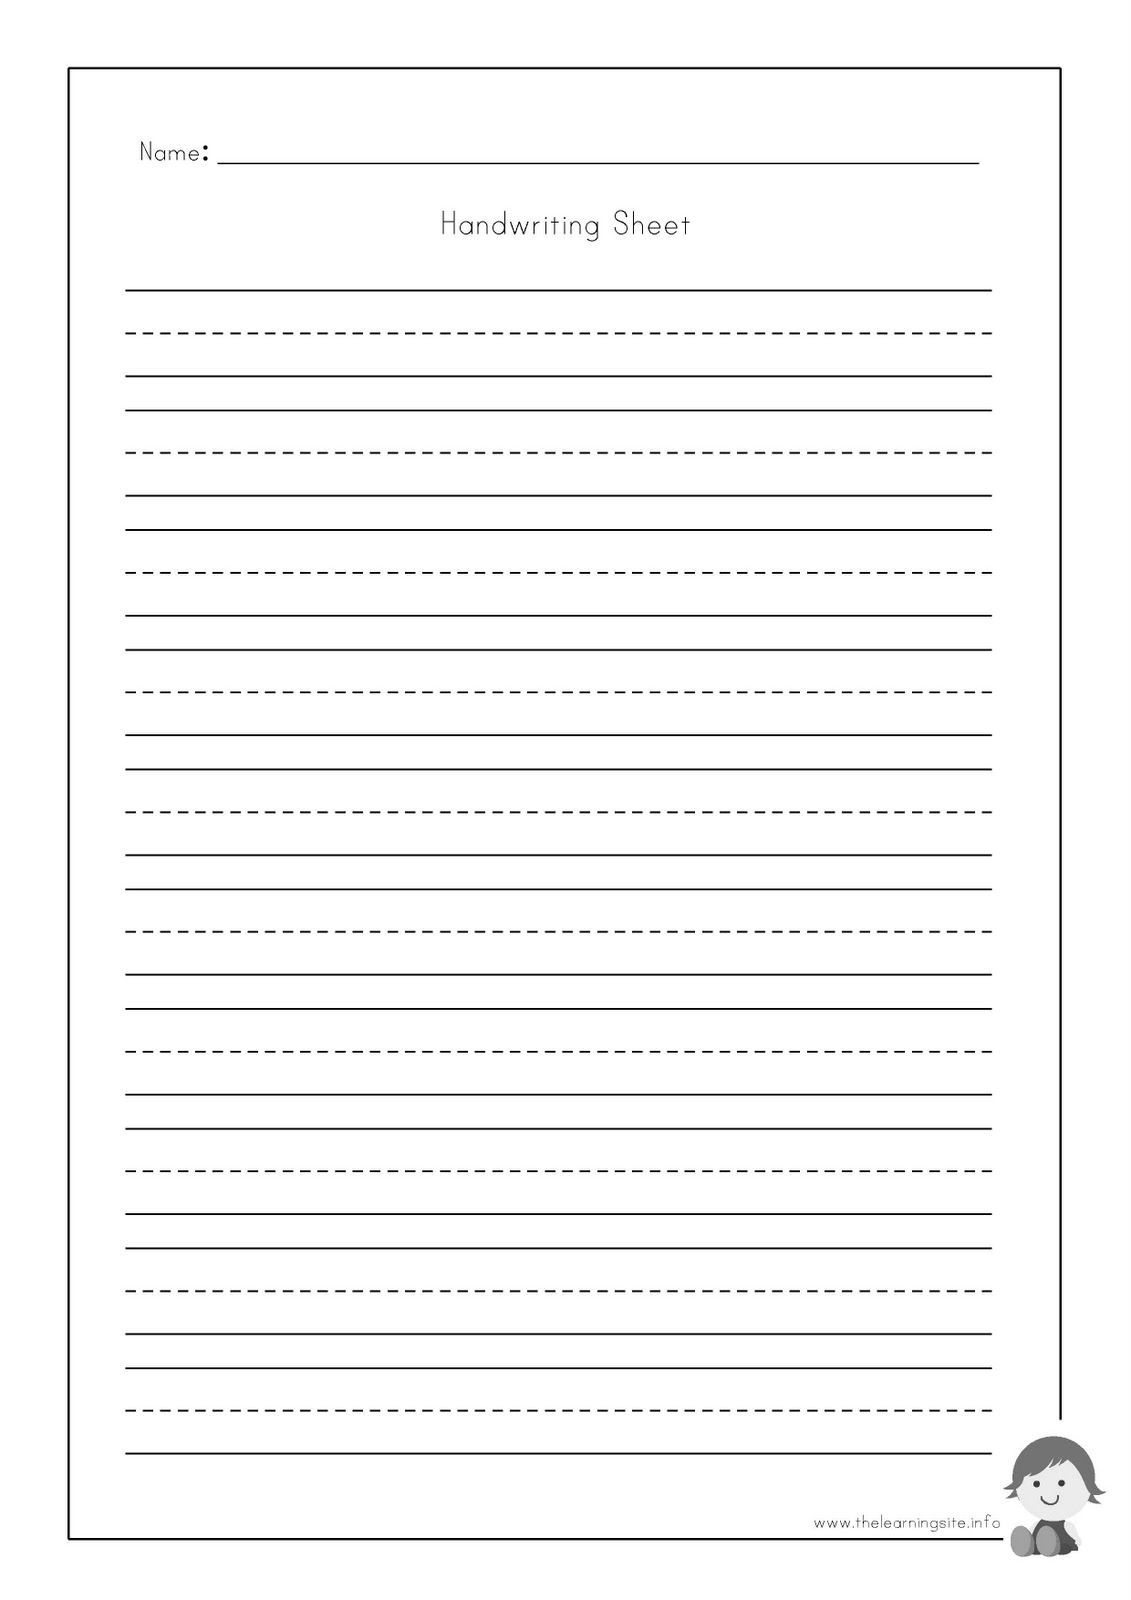 Handwriting Sheet Bw 1 1 131 1 600 Pixels